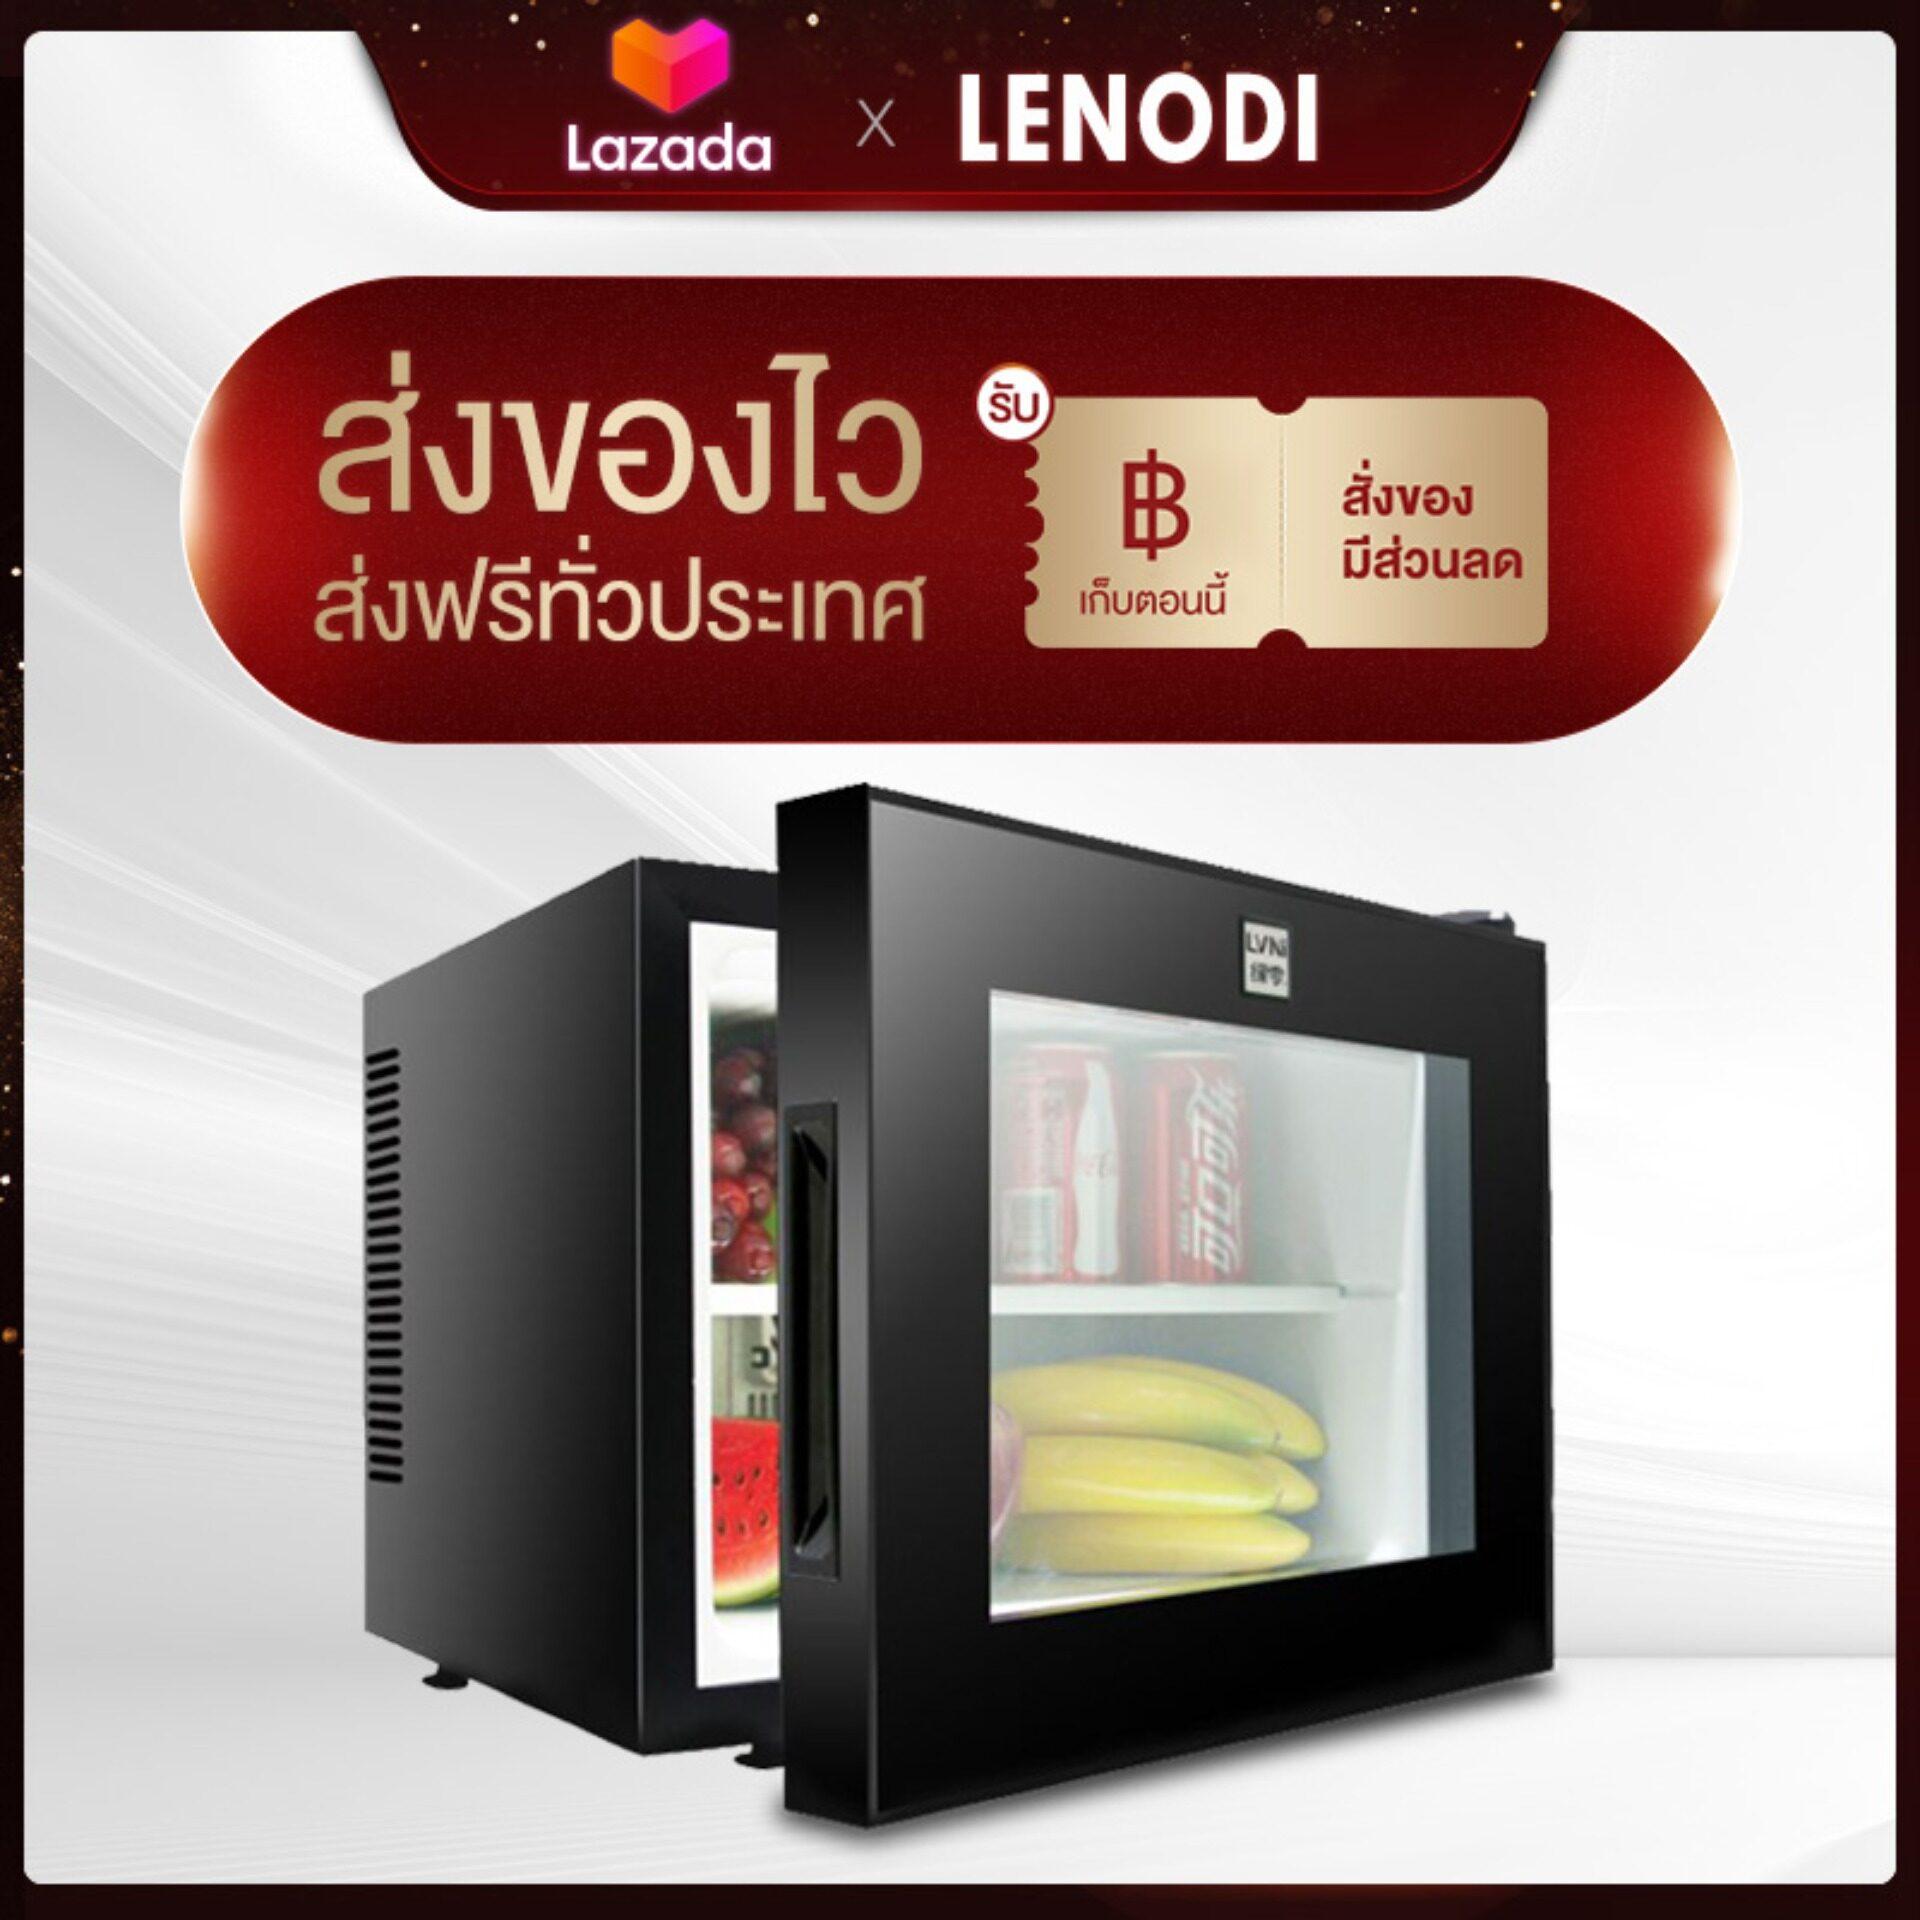 ตู้เย็นมินิ ตู้เย็นขนาดเล็ก ตู้เย็นมินิบาร์ สามารถใช้ได้ในบ้าน หอพัก ที่ทำงาน ขนาด 20 ลิตร 30 ลิตร 46 ลิตร 71 ลิตรและน้องใหม่ 66 ลิตร Lenodi.